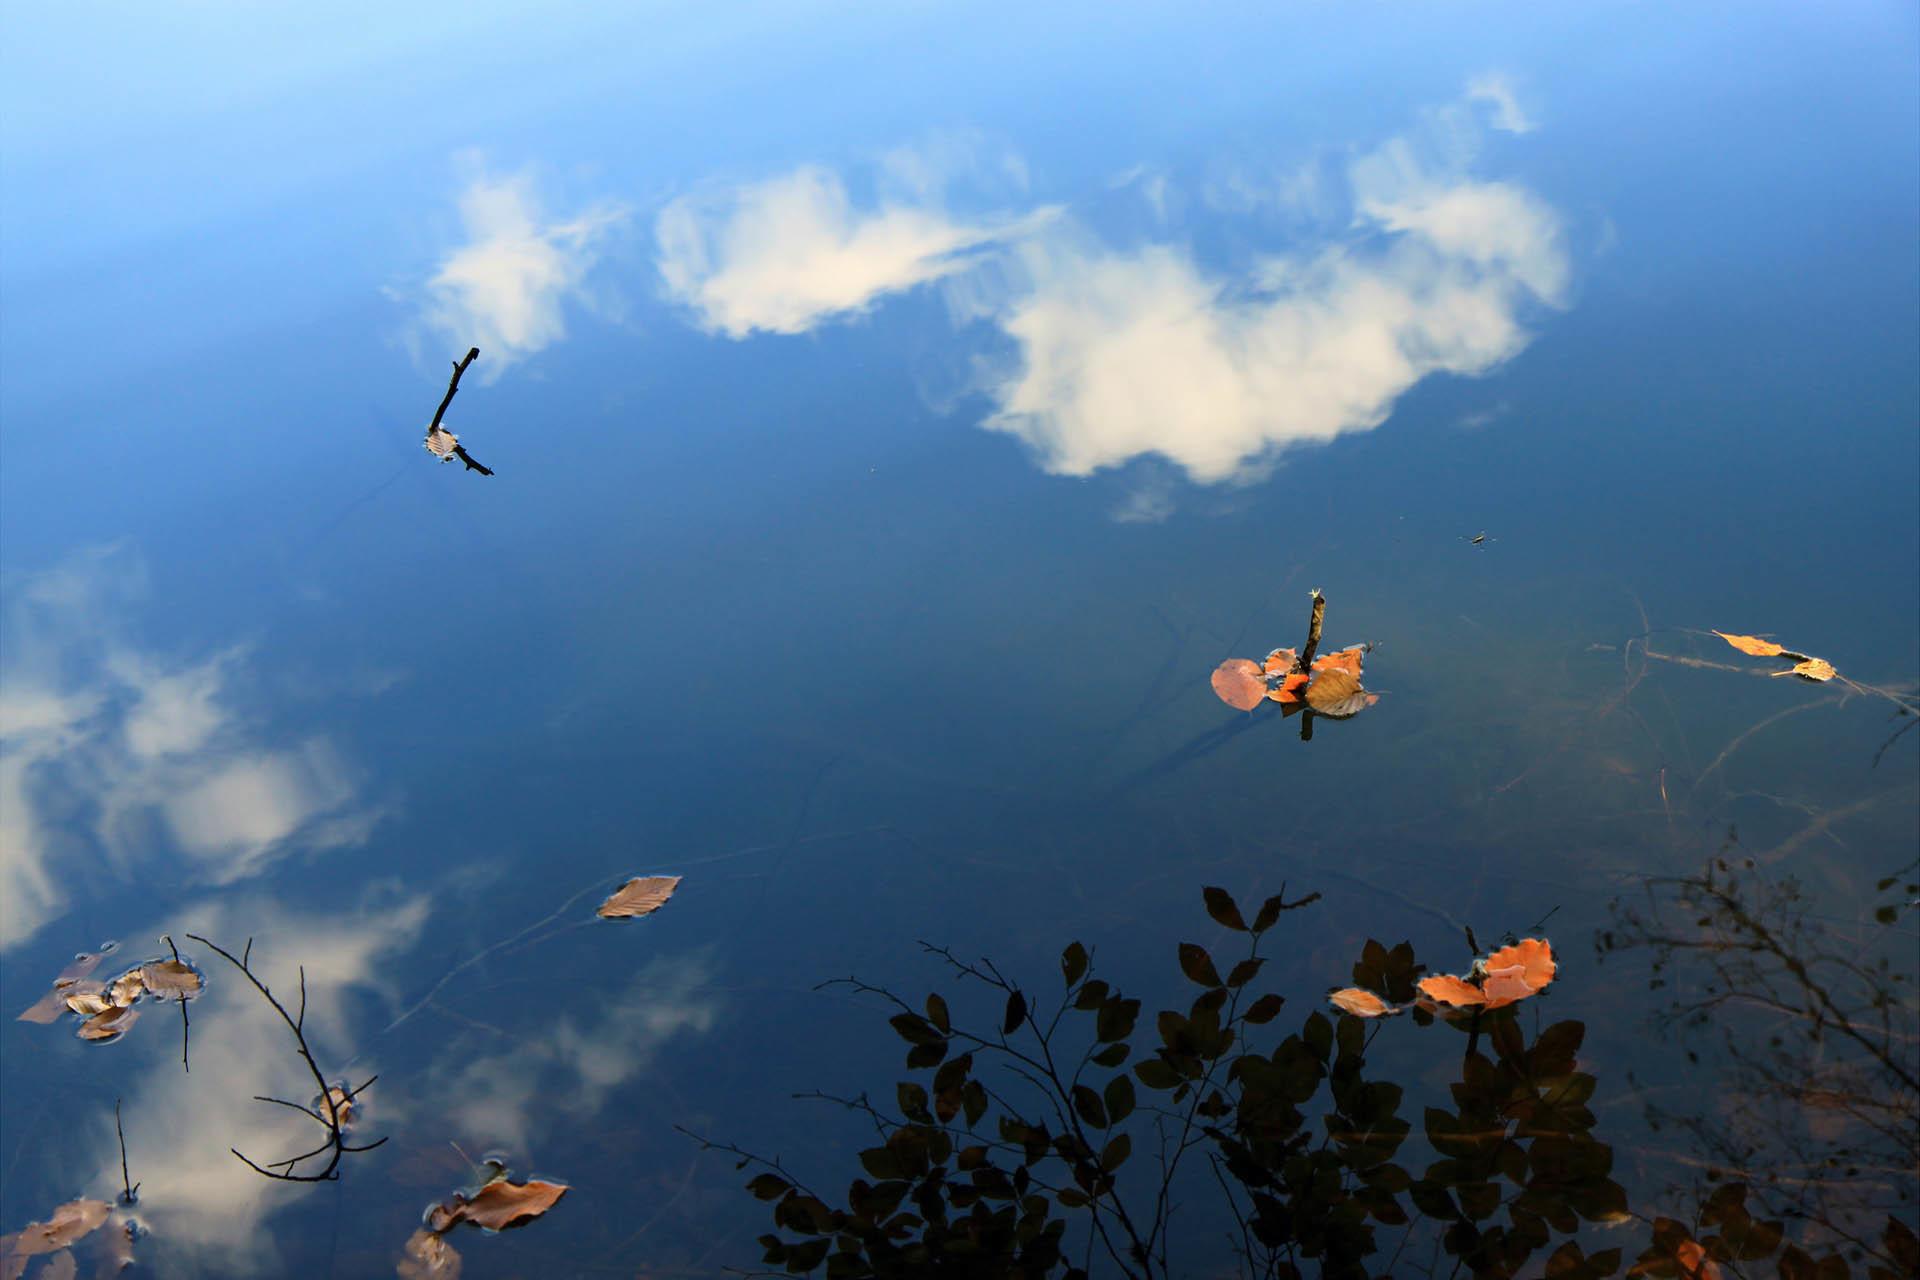 yedigöller milli parkı fotoğrafları